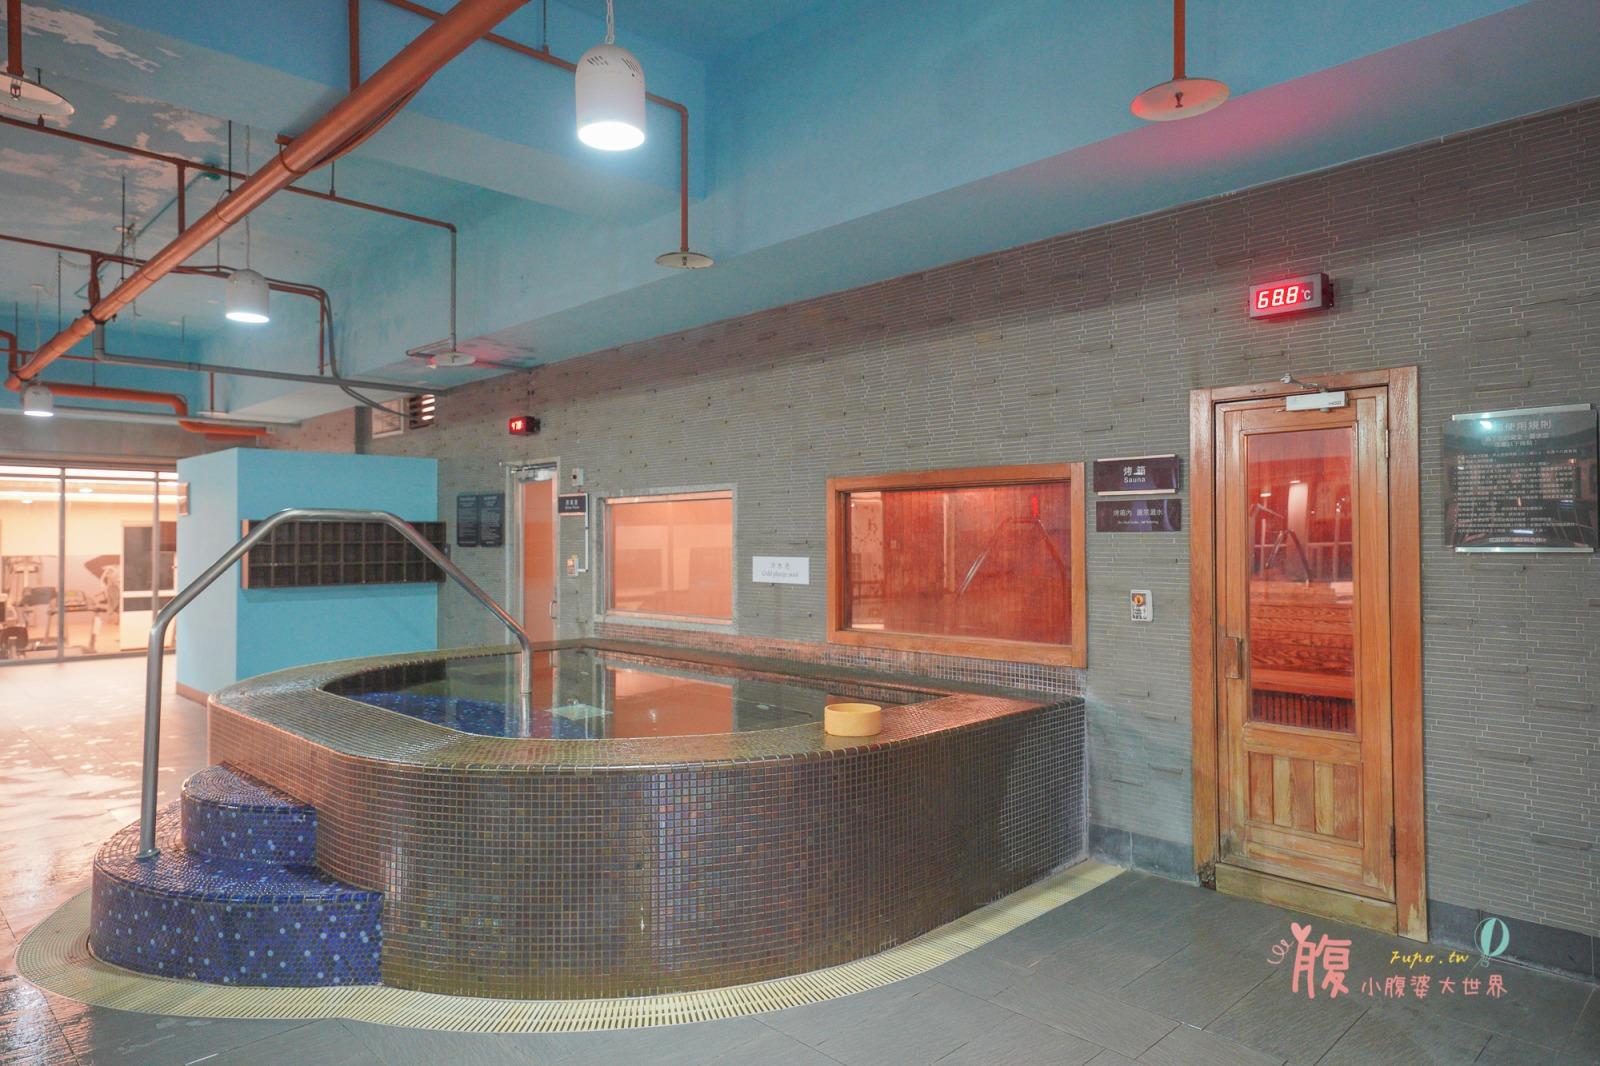 桃園親子飯店》桃園喜來登酒店,有小朋友最愛的玩具樂園木遊館、溫水泳池、健身房,房間寬敞早餐好吃還有免費的接駁車